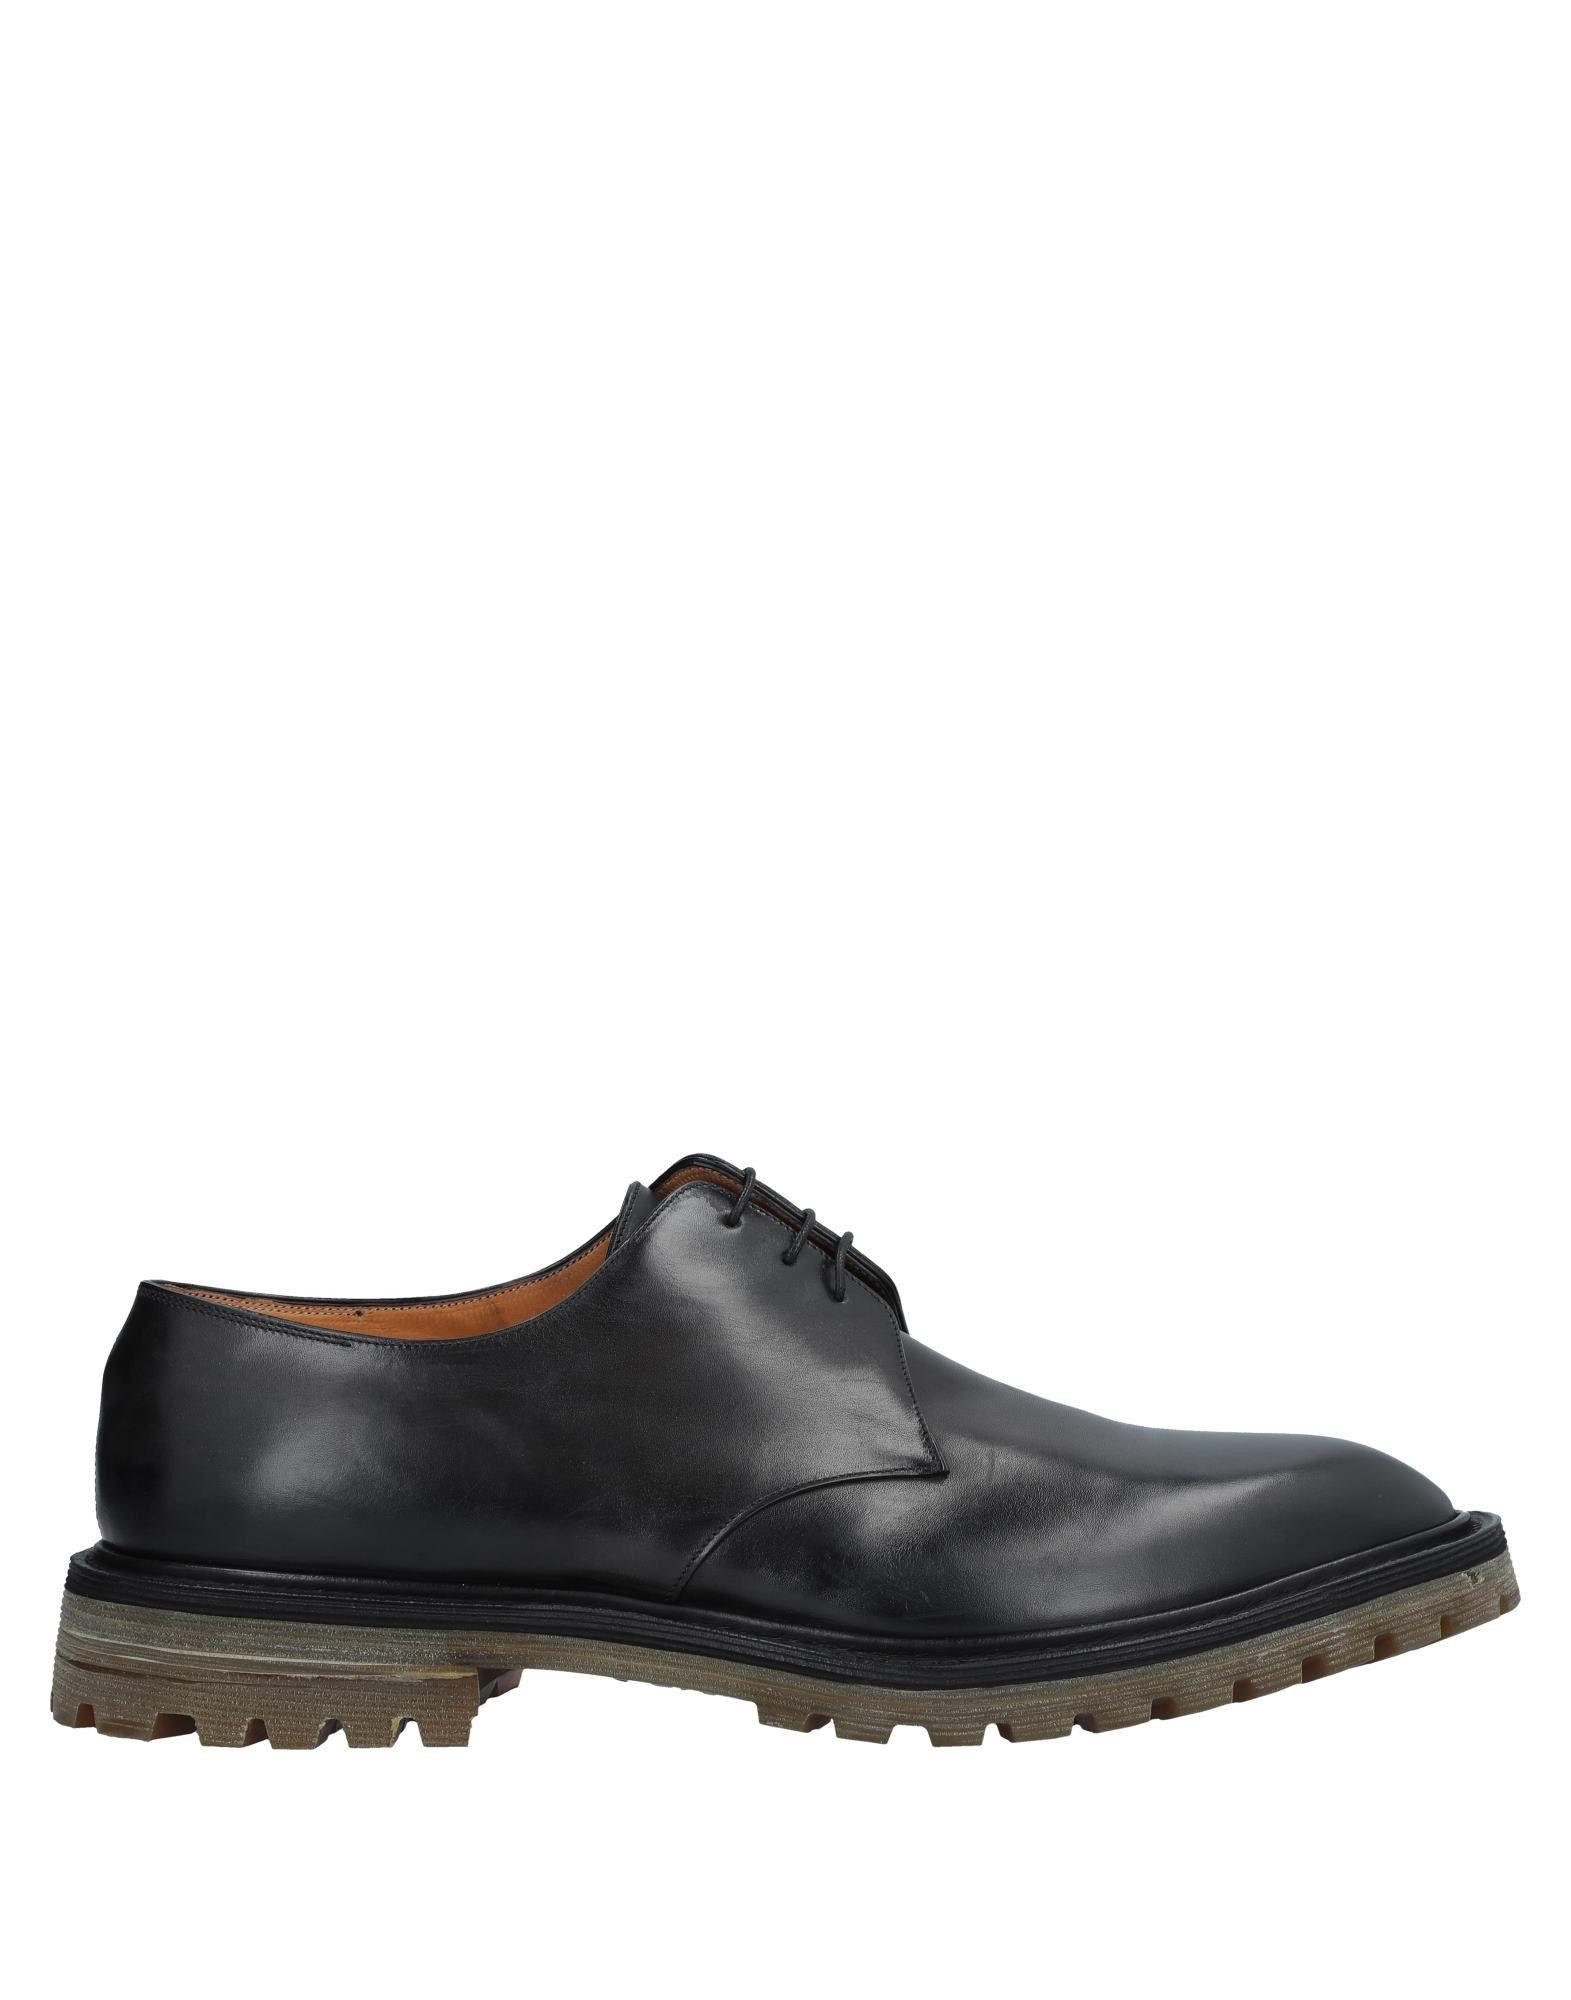 Premiata Schnürschuhe Herren  11530707JX Gute Qualität beliebte Schuhe